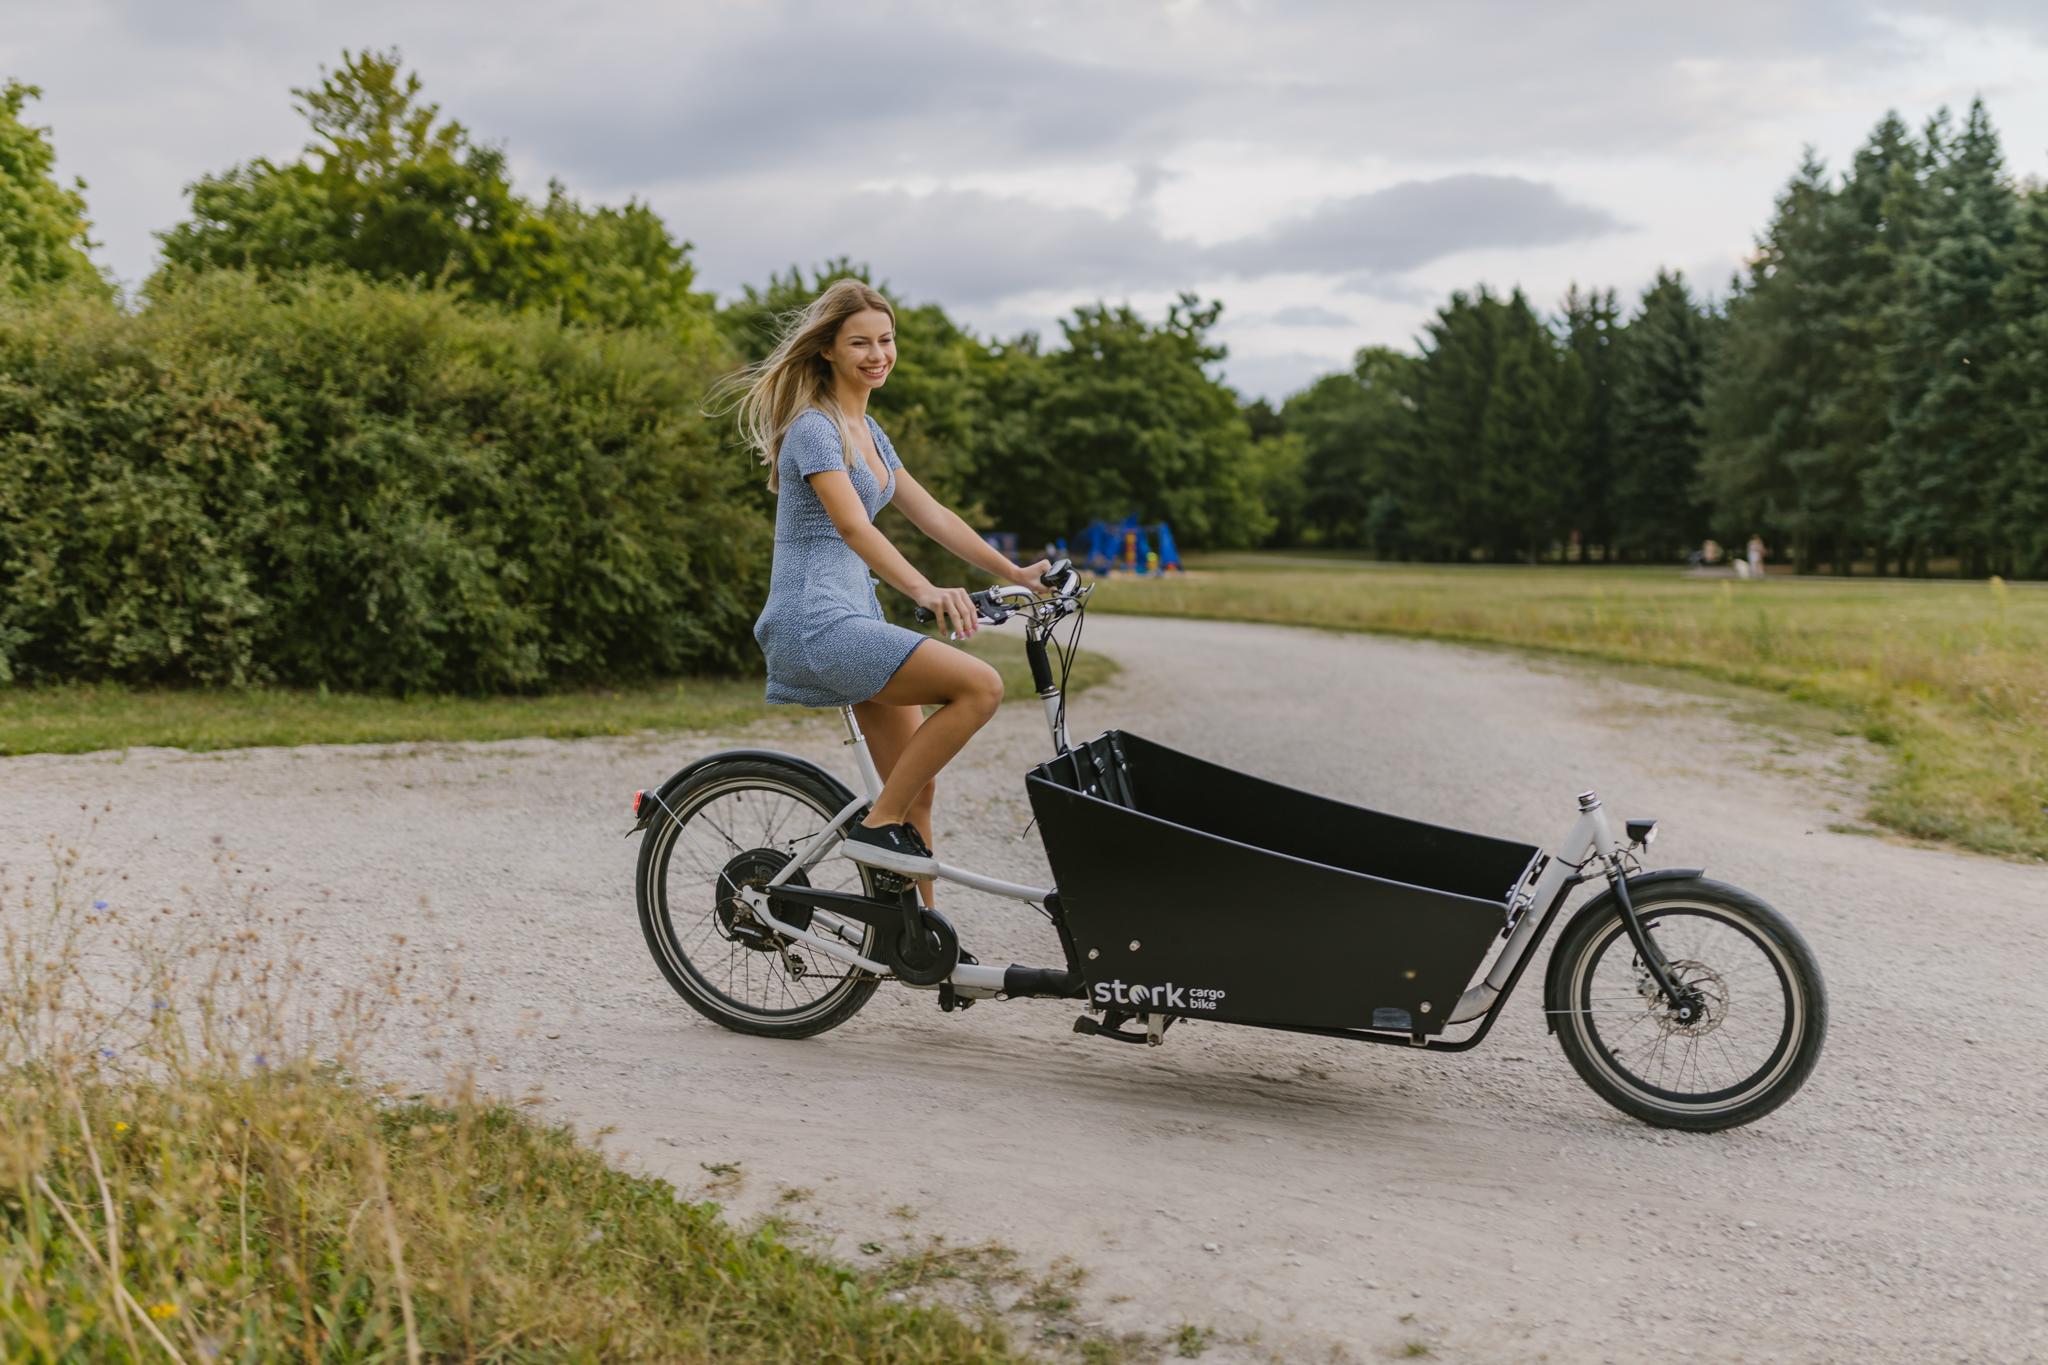 Rowery transportowe, rower bagażowy, alternatywa dla samochodu w mieście